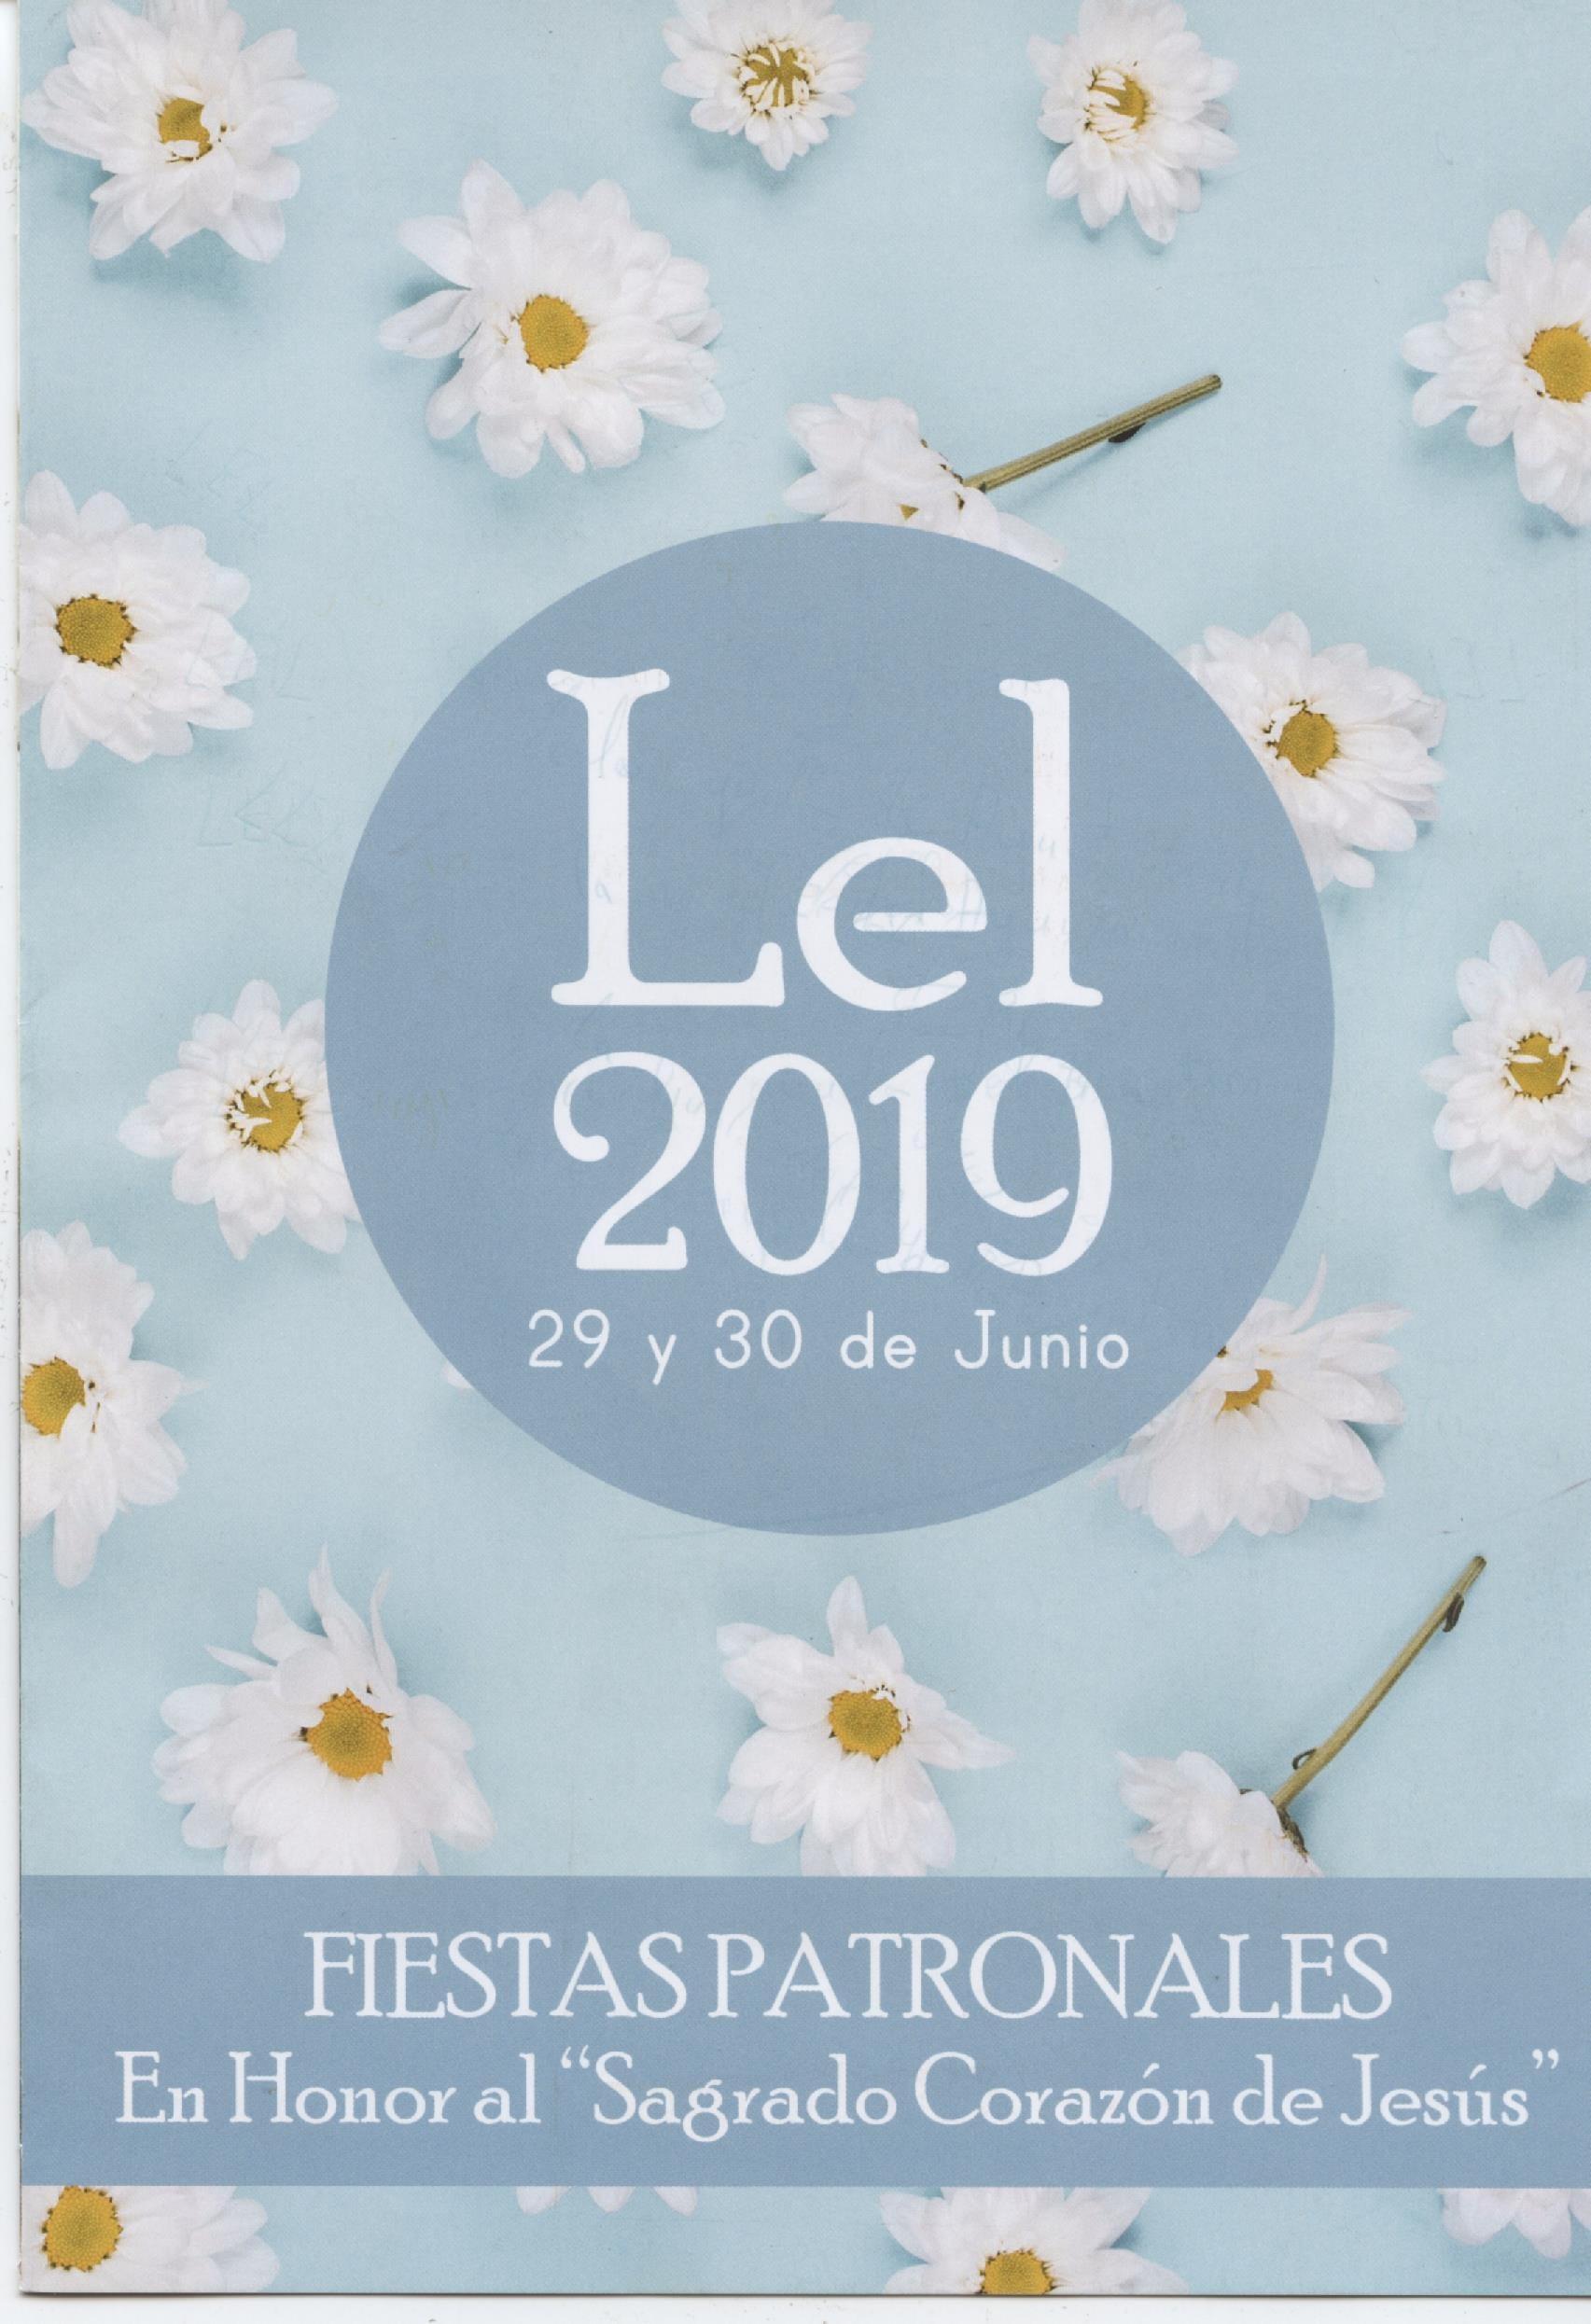 Fiestas de la pedanía de Lel en El Pinós / Pinoso